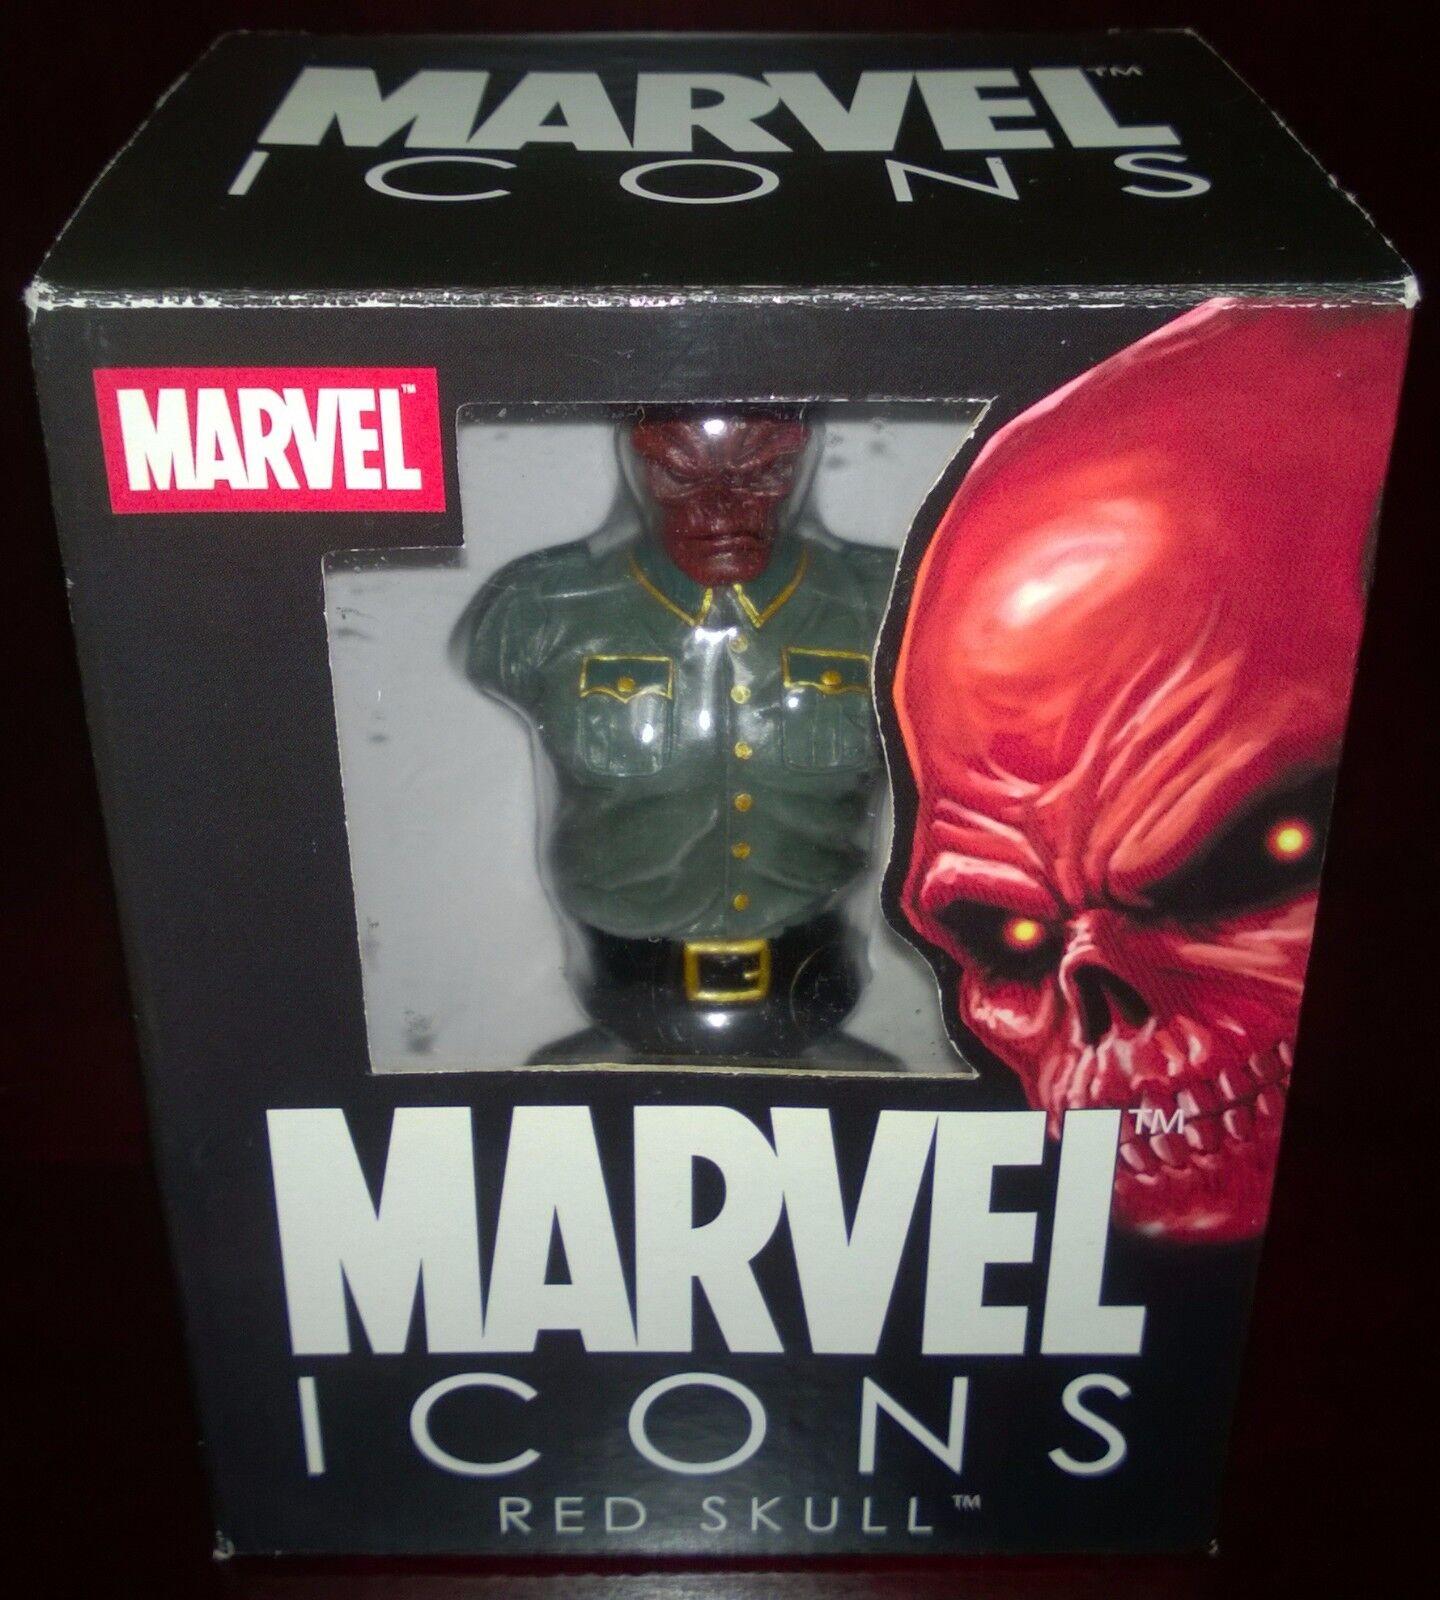 Cráneo Rojo Marvel iconos Edición Limitada Busto Diamond Select Juguetes  100 2000  nuevo